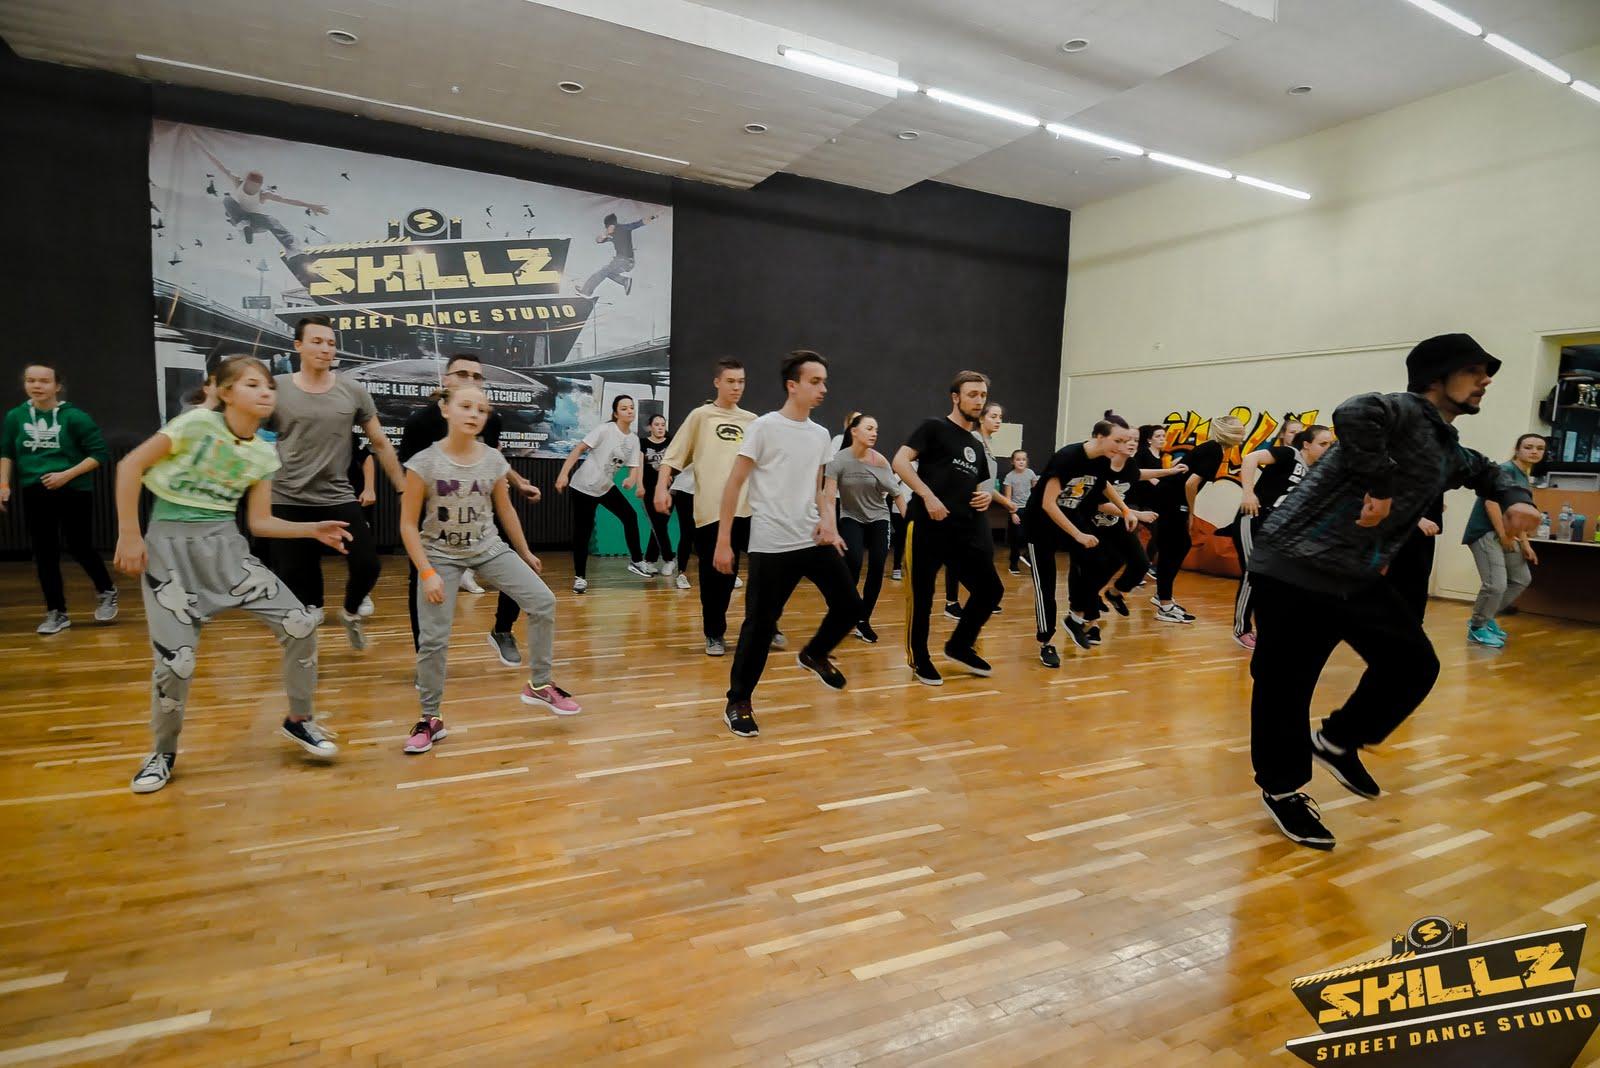 Hip hop seminaras su Jeka iš Maskvos - _1050143.jpg